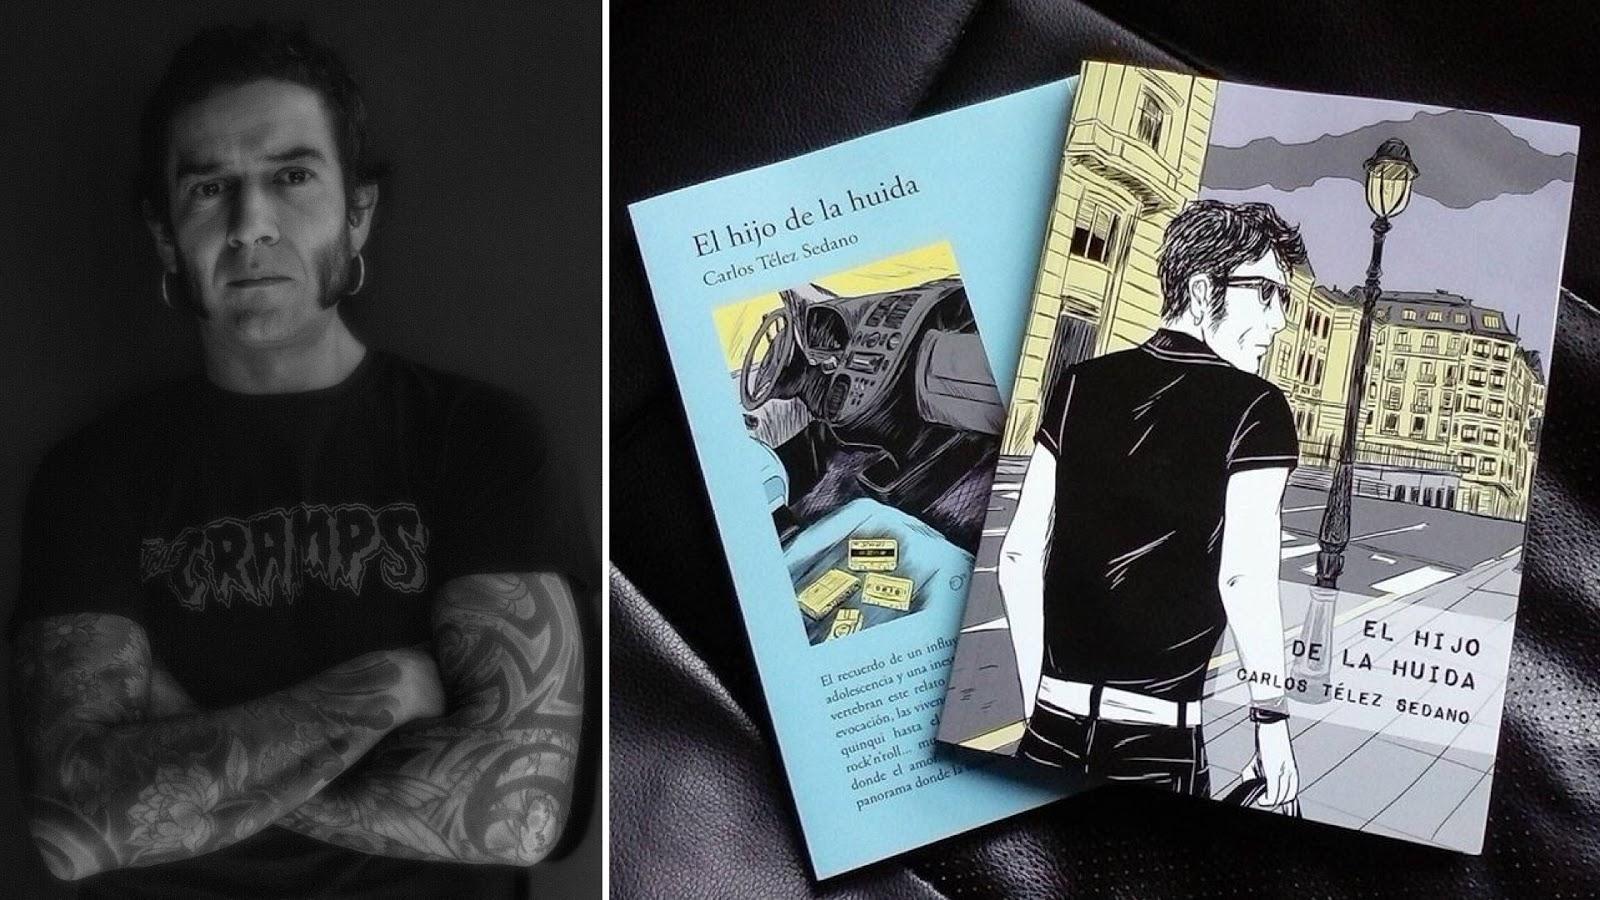 Barakaldo Digital: Carlos Télez Sedano debuta en la literatura con ...